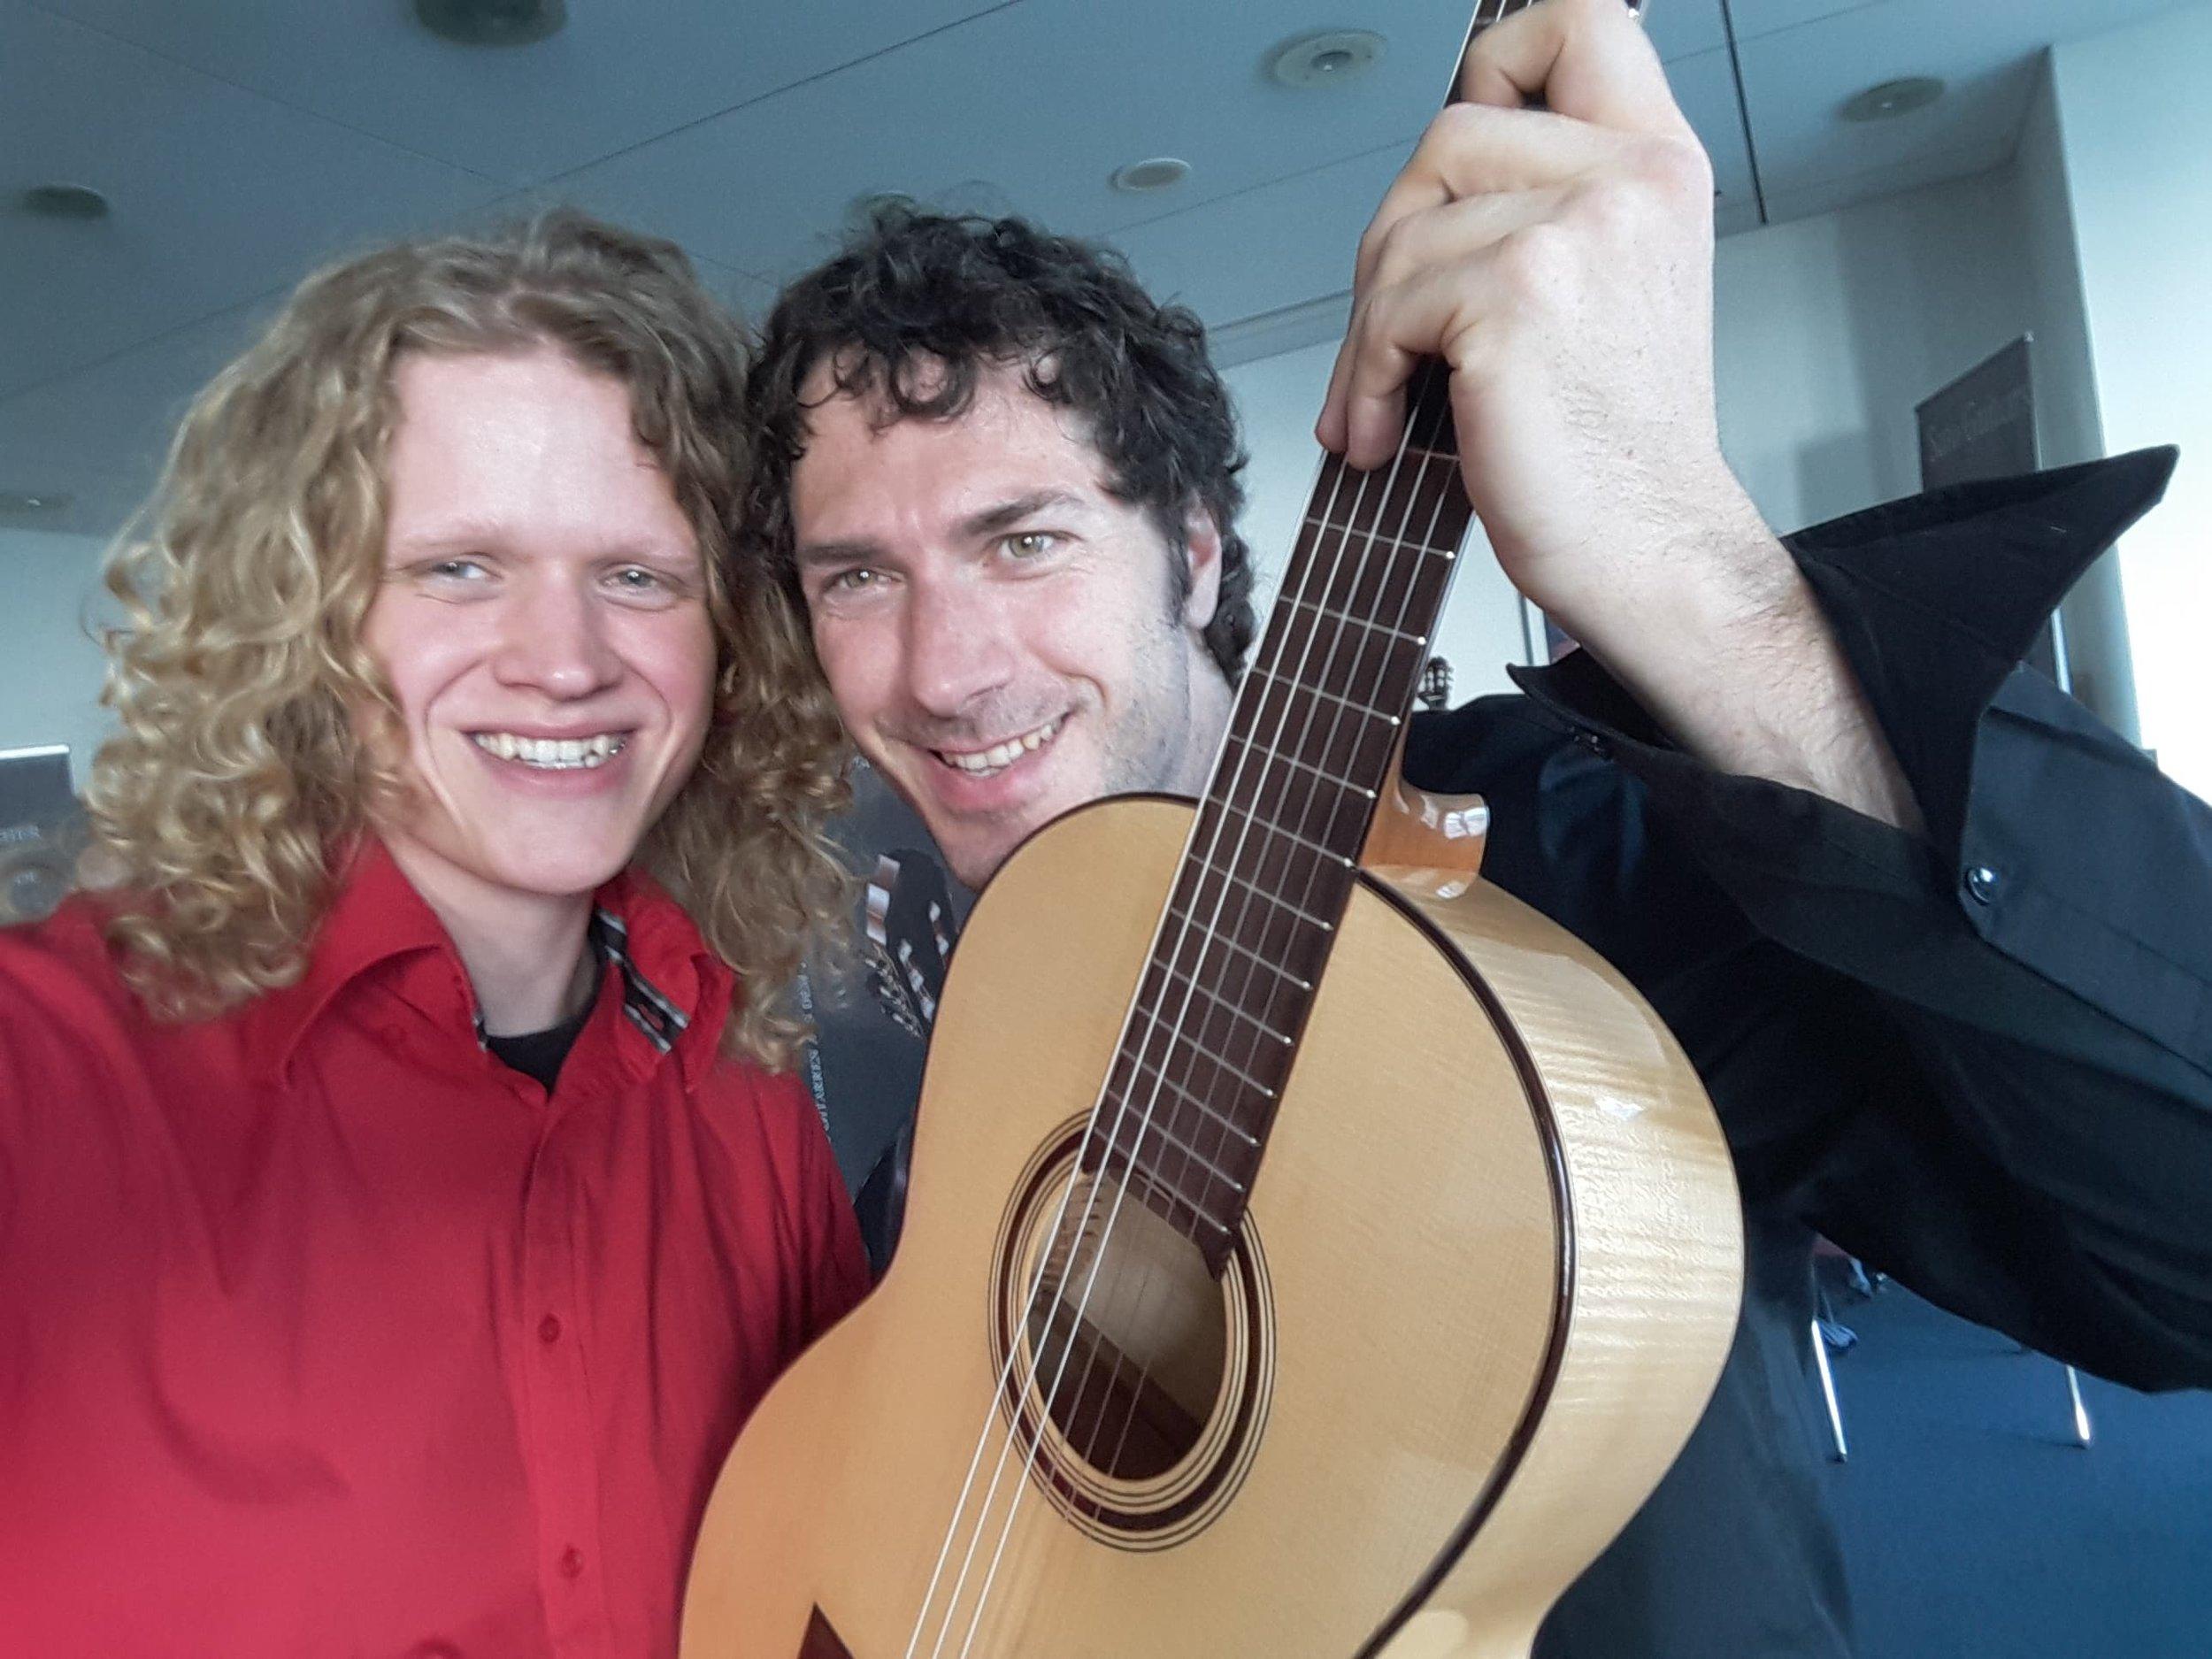 Also got a chance to finally meet my dear friend Reentko Dirks again.